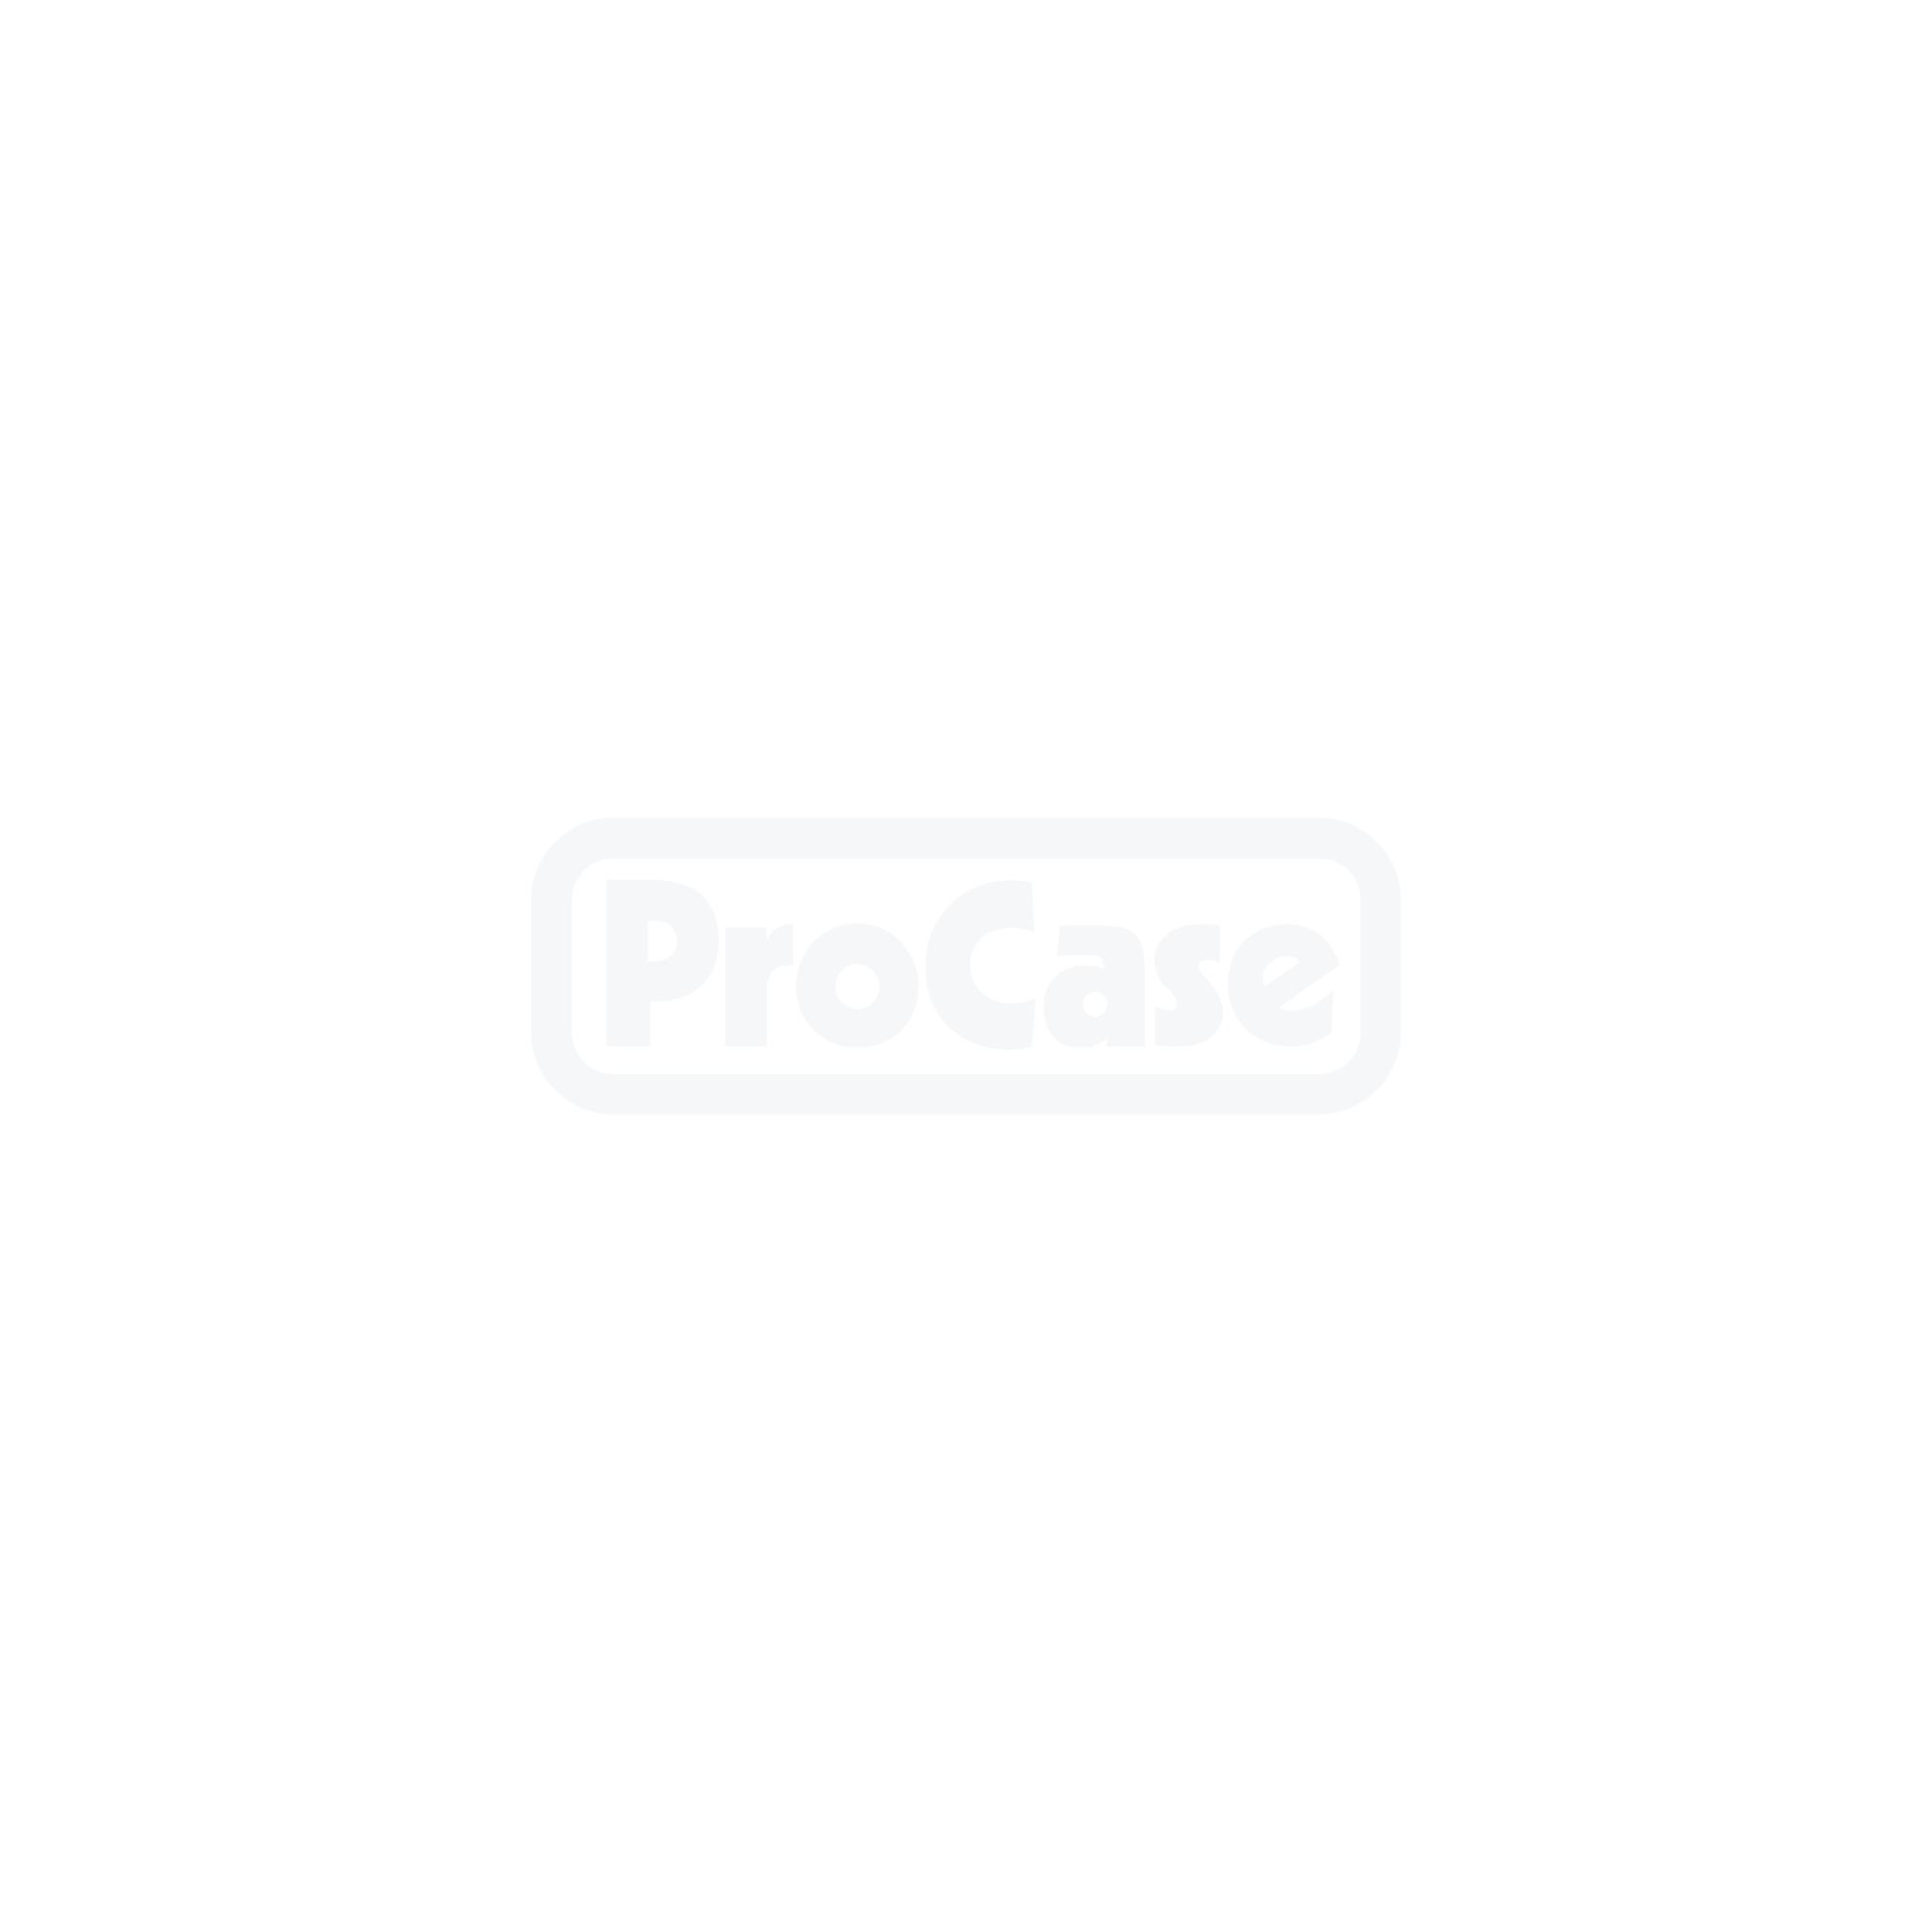 SKB 3R Koffer 2222-12B leer mit Trolley